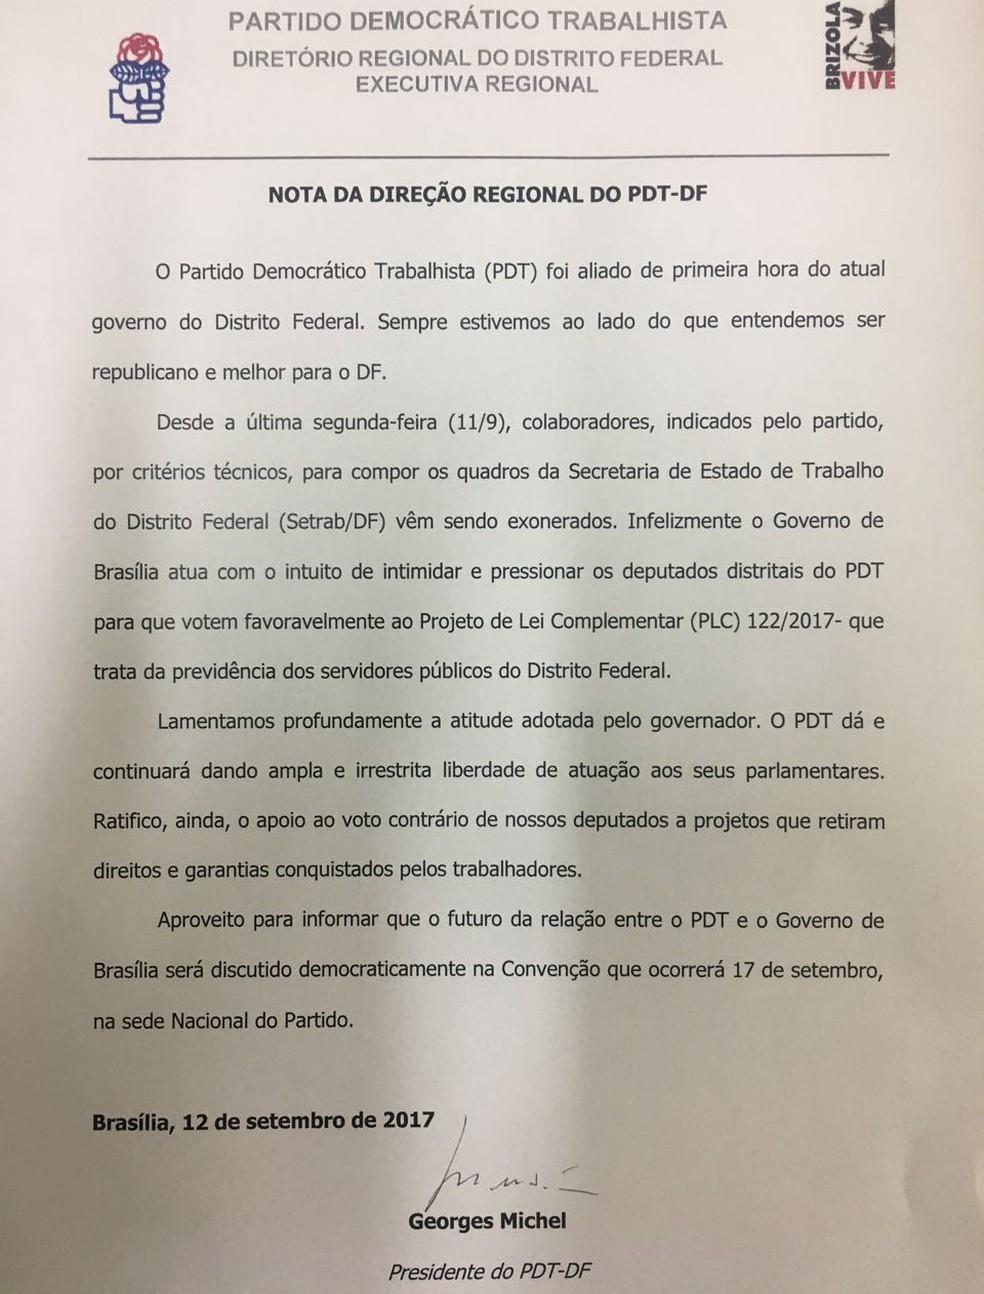 Nota divulgada pelo PDT-DF sobre as exonerações   (Foto: Reprodução )